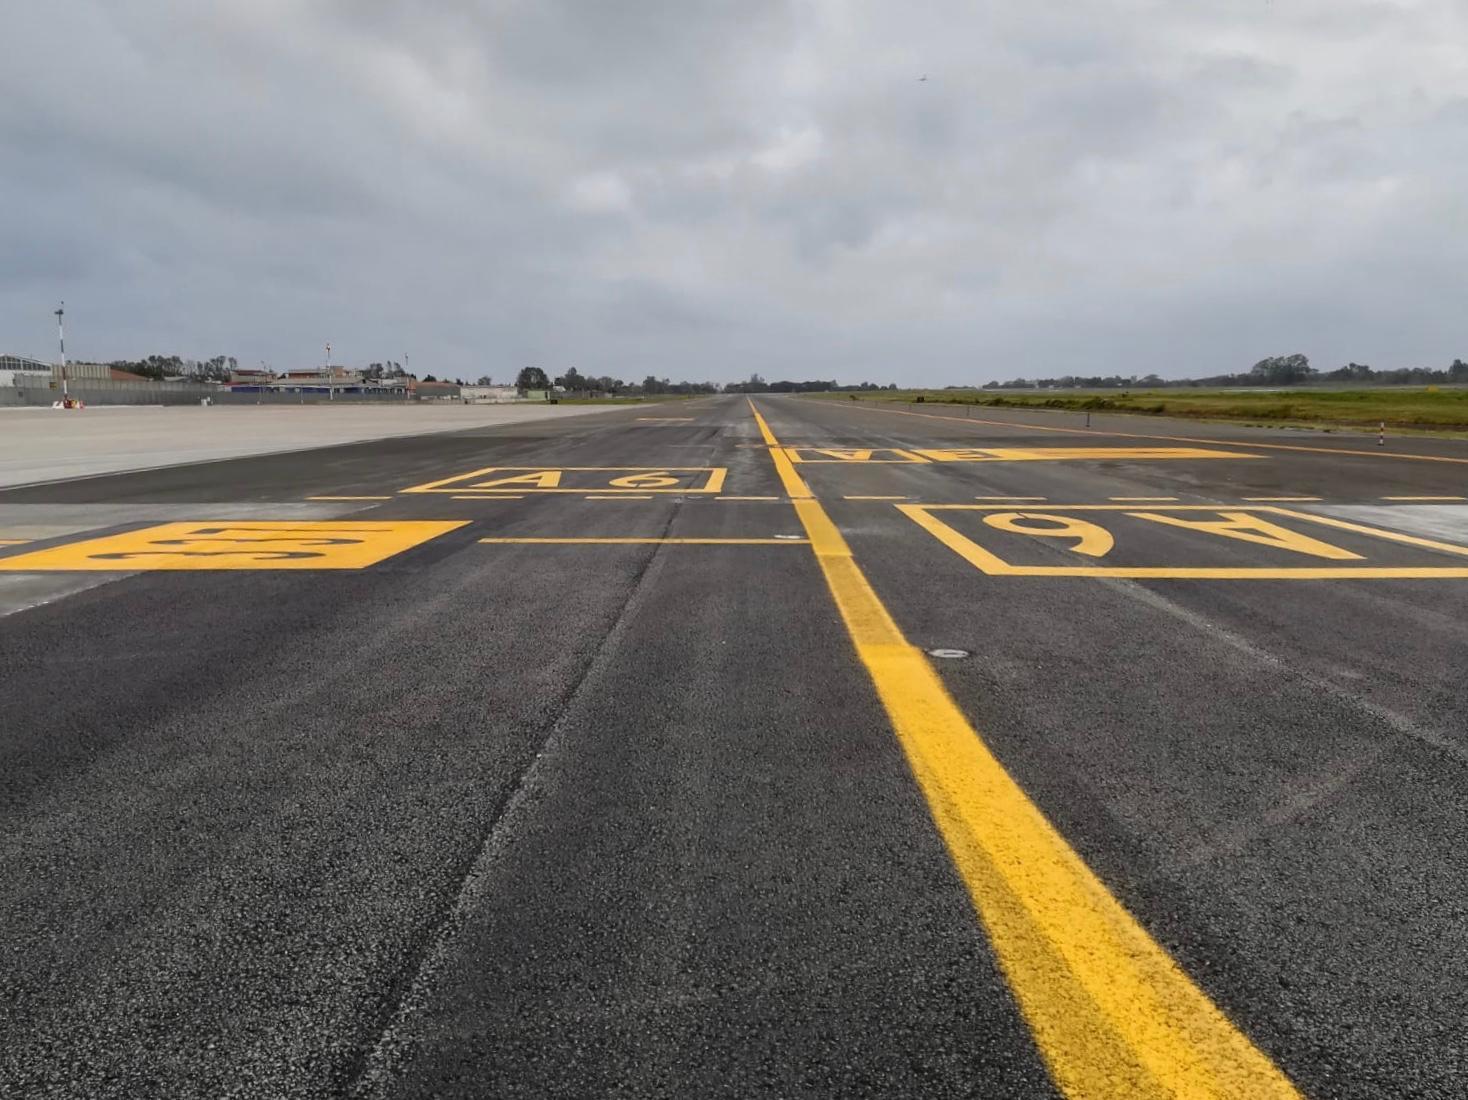 Aeroporto Catania, conclusi i lavori nell'area movimento: da oggi piena operatività